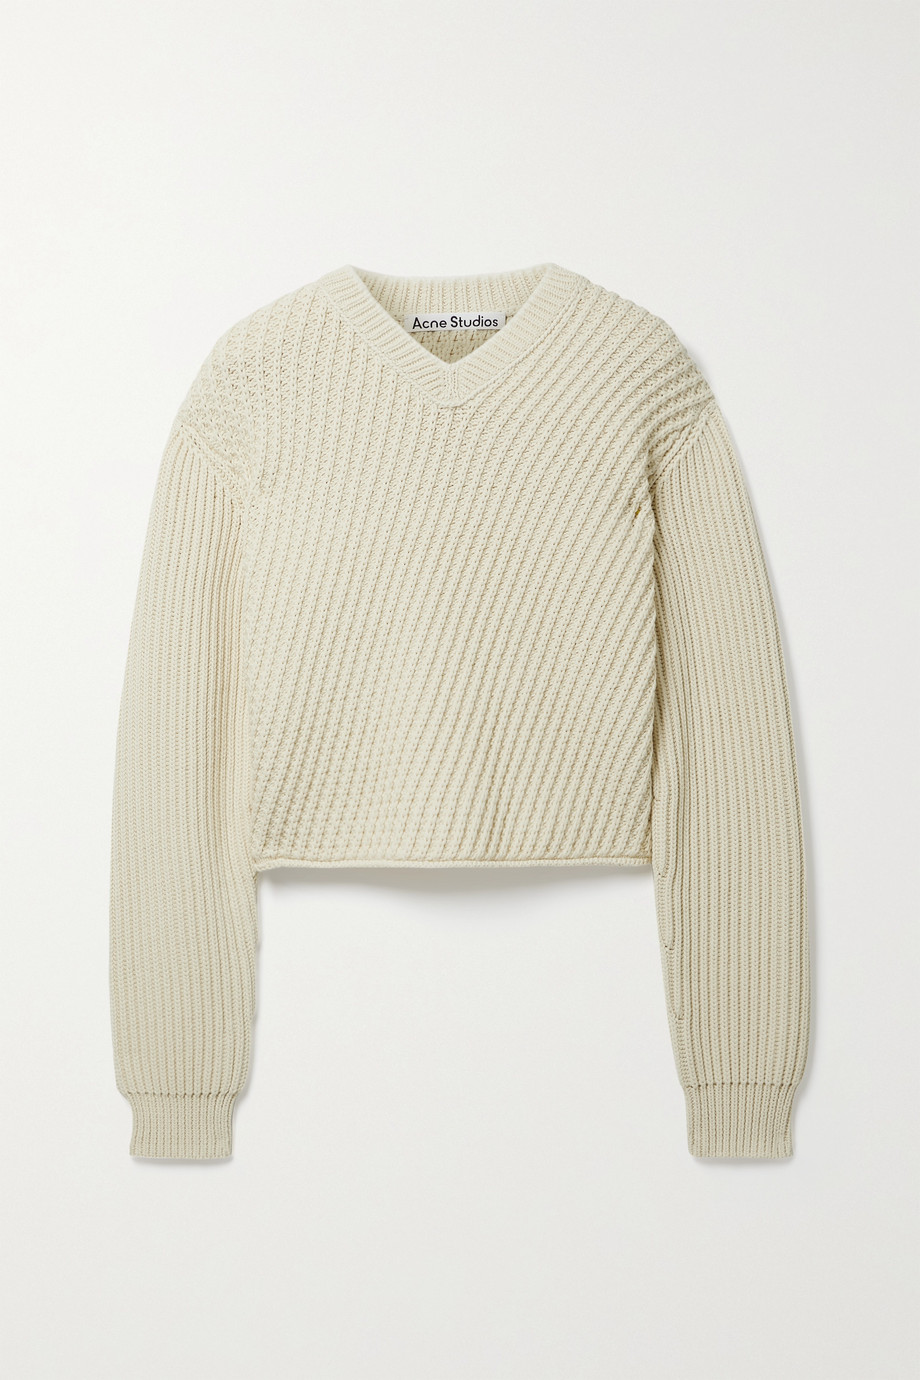 Acne Studios Verkürzter Pullover aus einer Baumwollmischung und Rippstrick